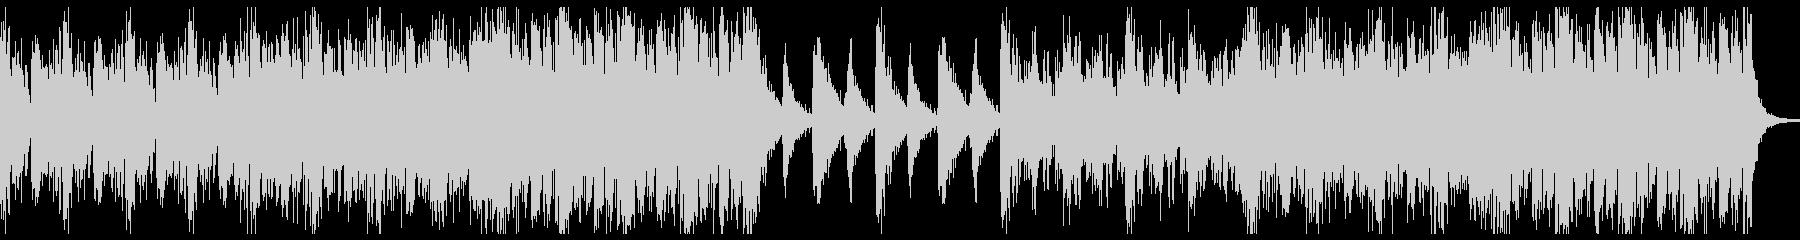 打楽器による躍動感のあるBGMの未再生の波形